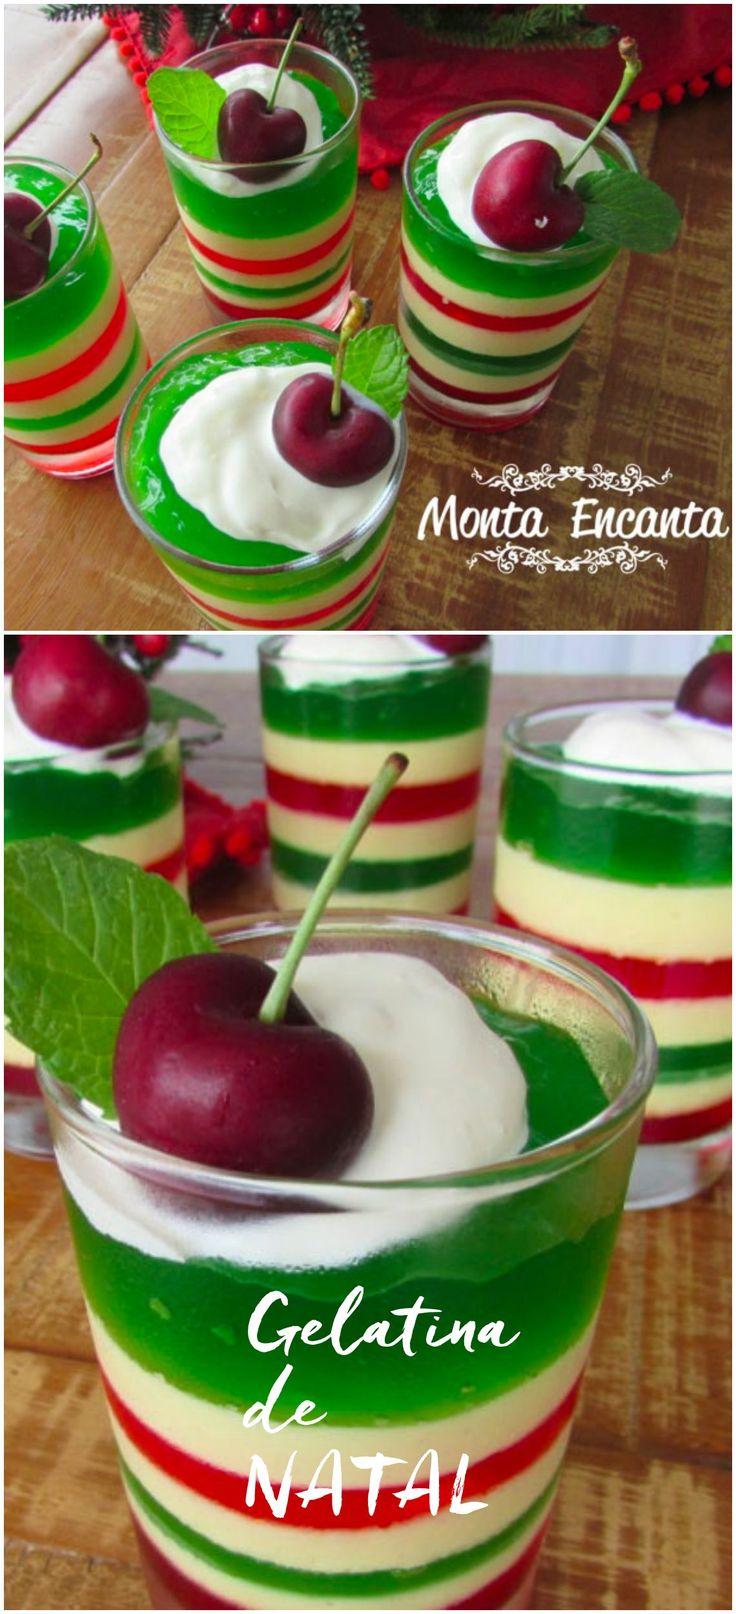 Como preparar uma gelatina de natal listrada verde e vermelha. Receita simples leva só 2 ingredientes gelatina e creme de leite! Vamos lá!!!